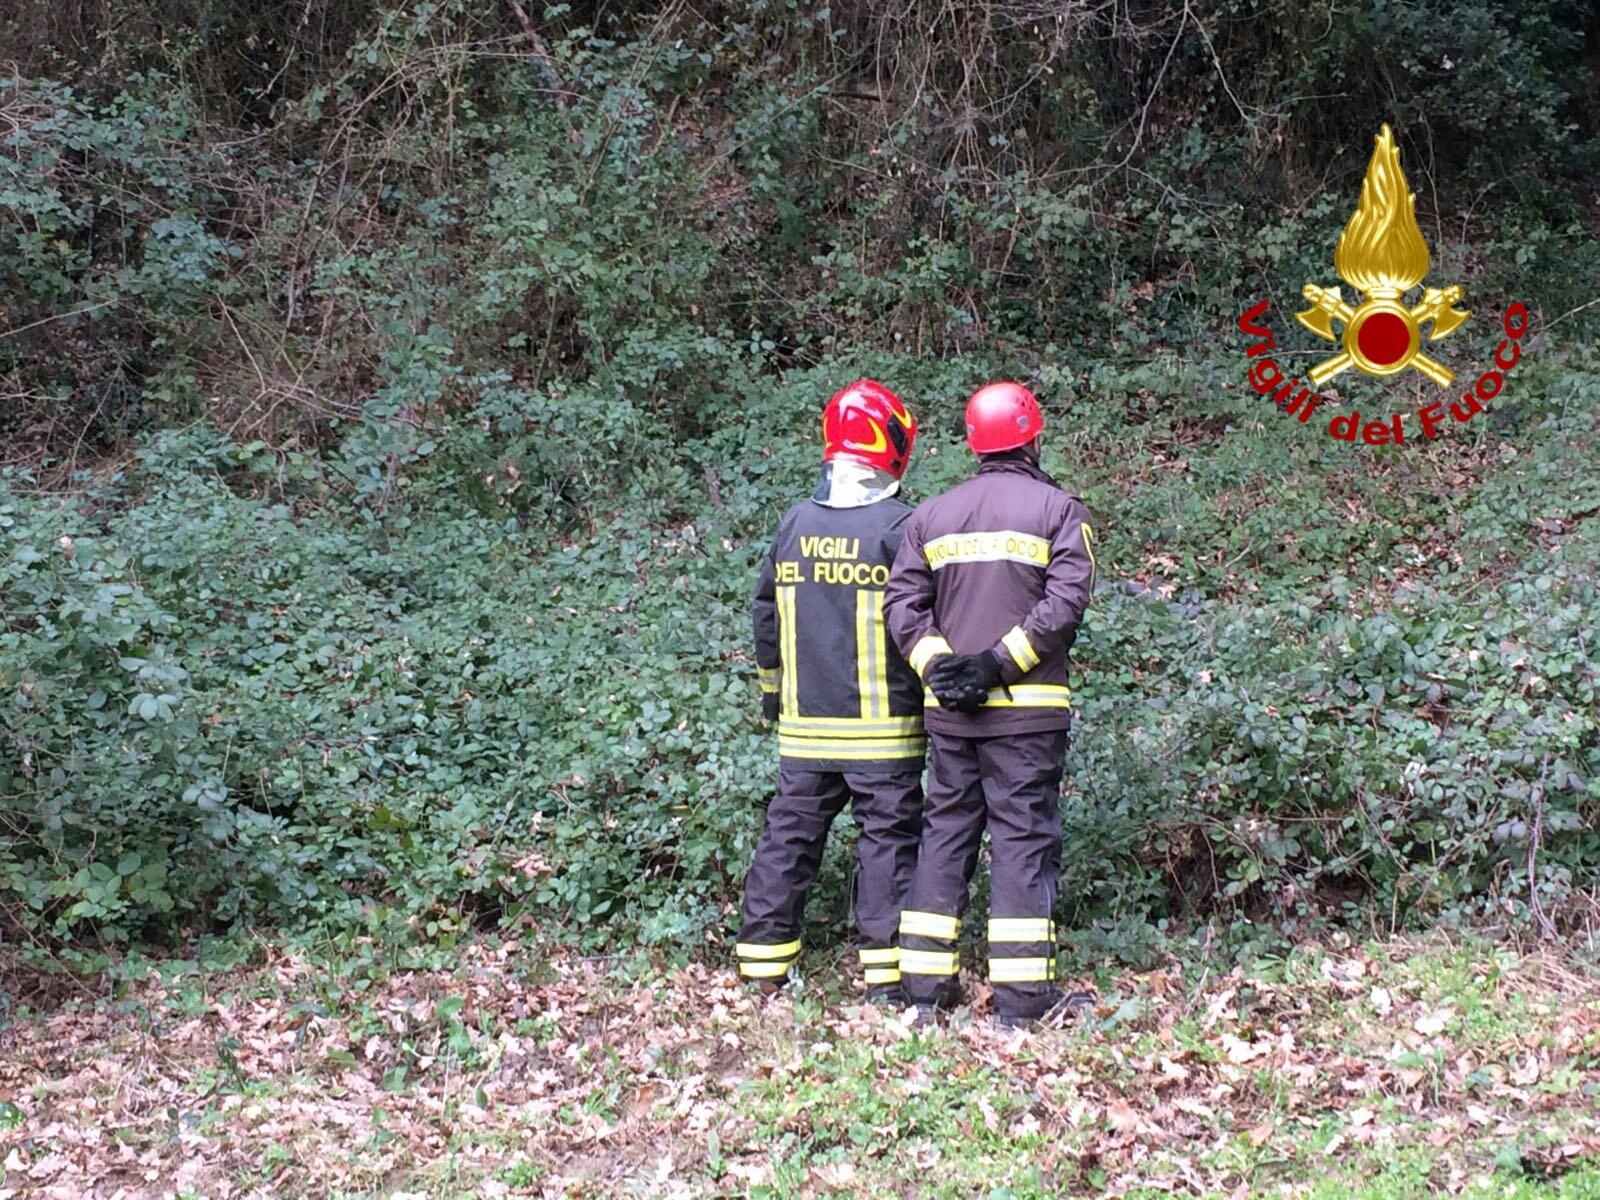 Ariano Irpino| Attesa finita, ritrovato il corpo di Pasqualino La Porta